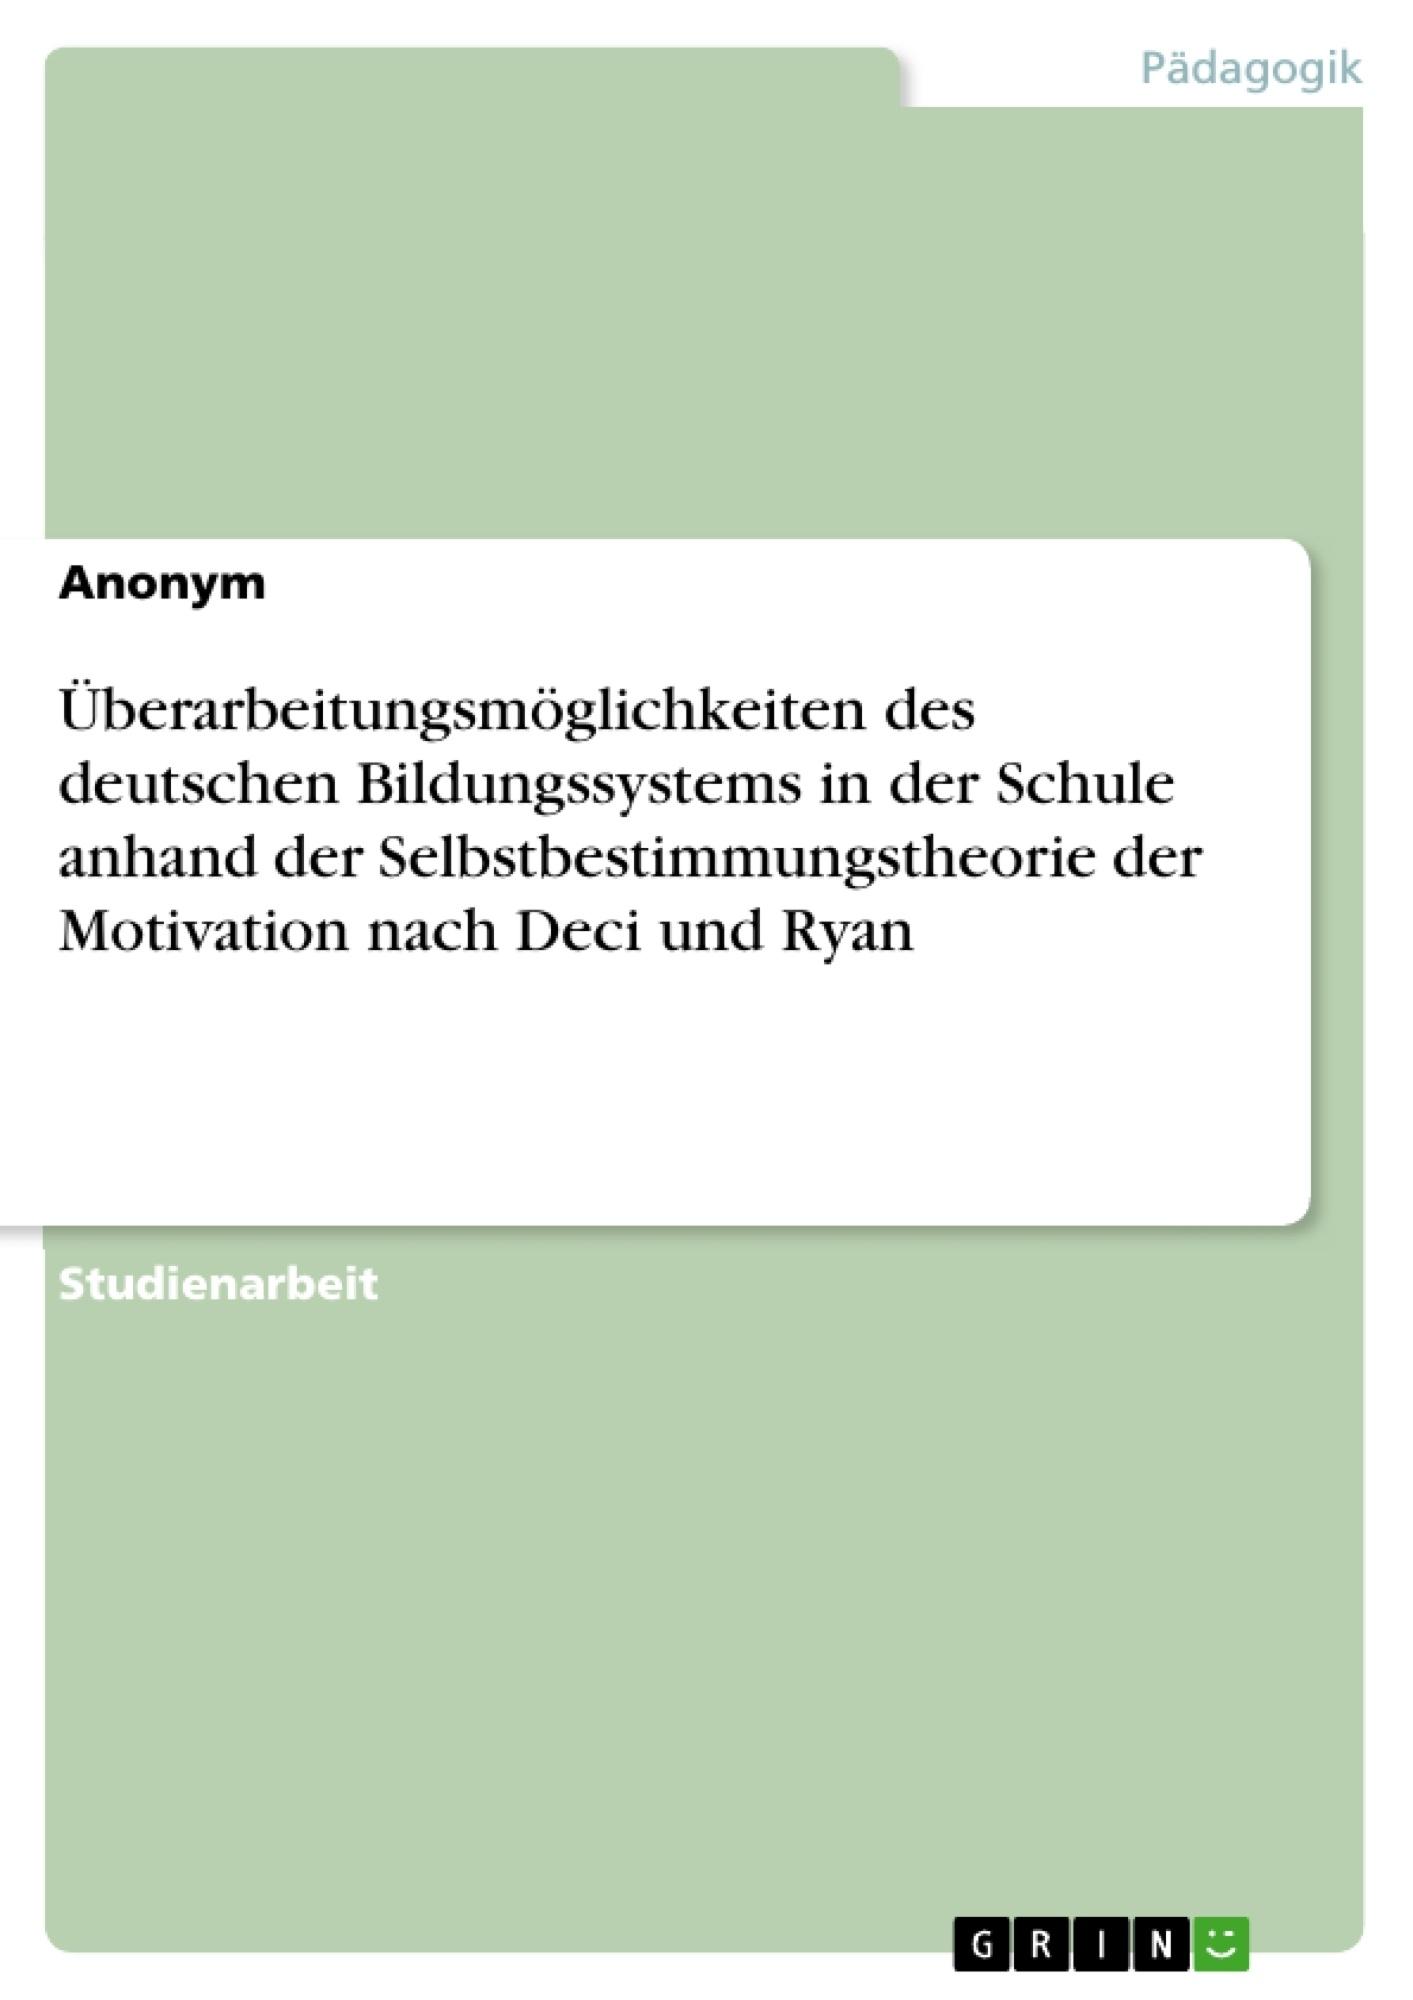 Titel: Überarbeitungsmöglichkeiten des deutschen Bildungssystems in der Schule anhand der Selbstbestimmungstheorie der Motivation nach Deci und Ryan